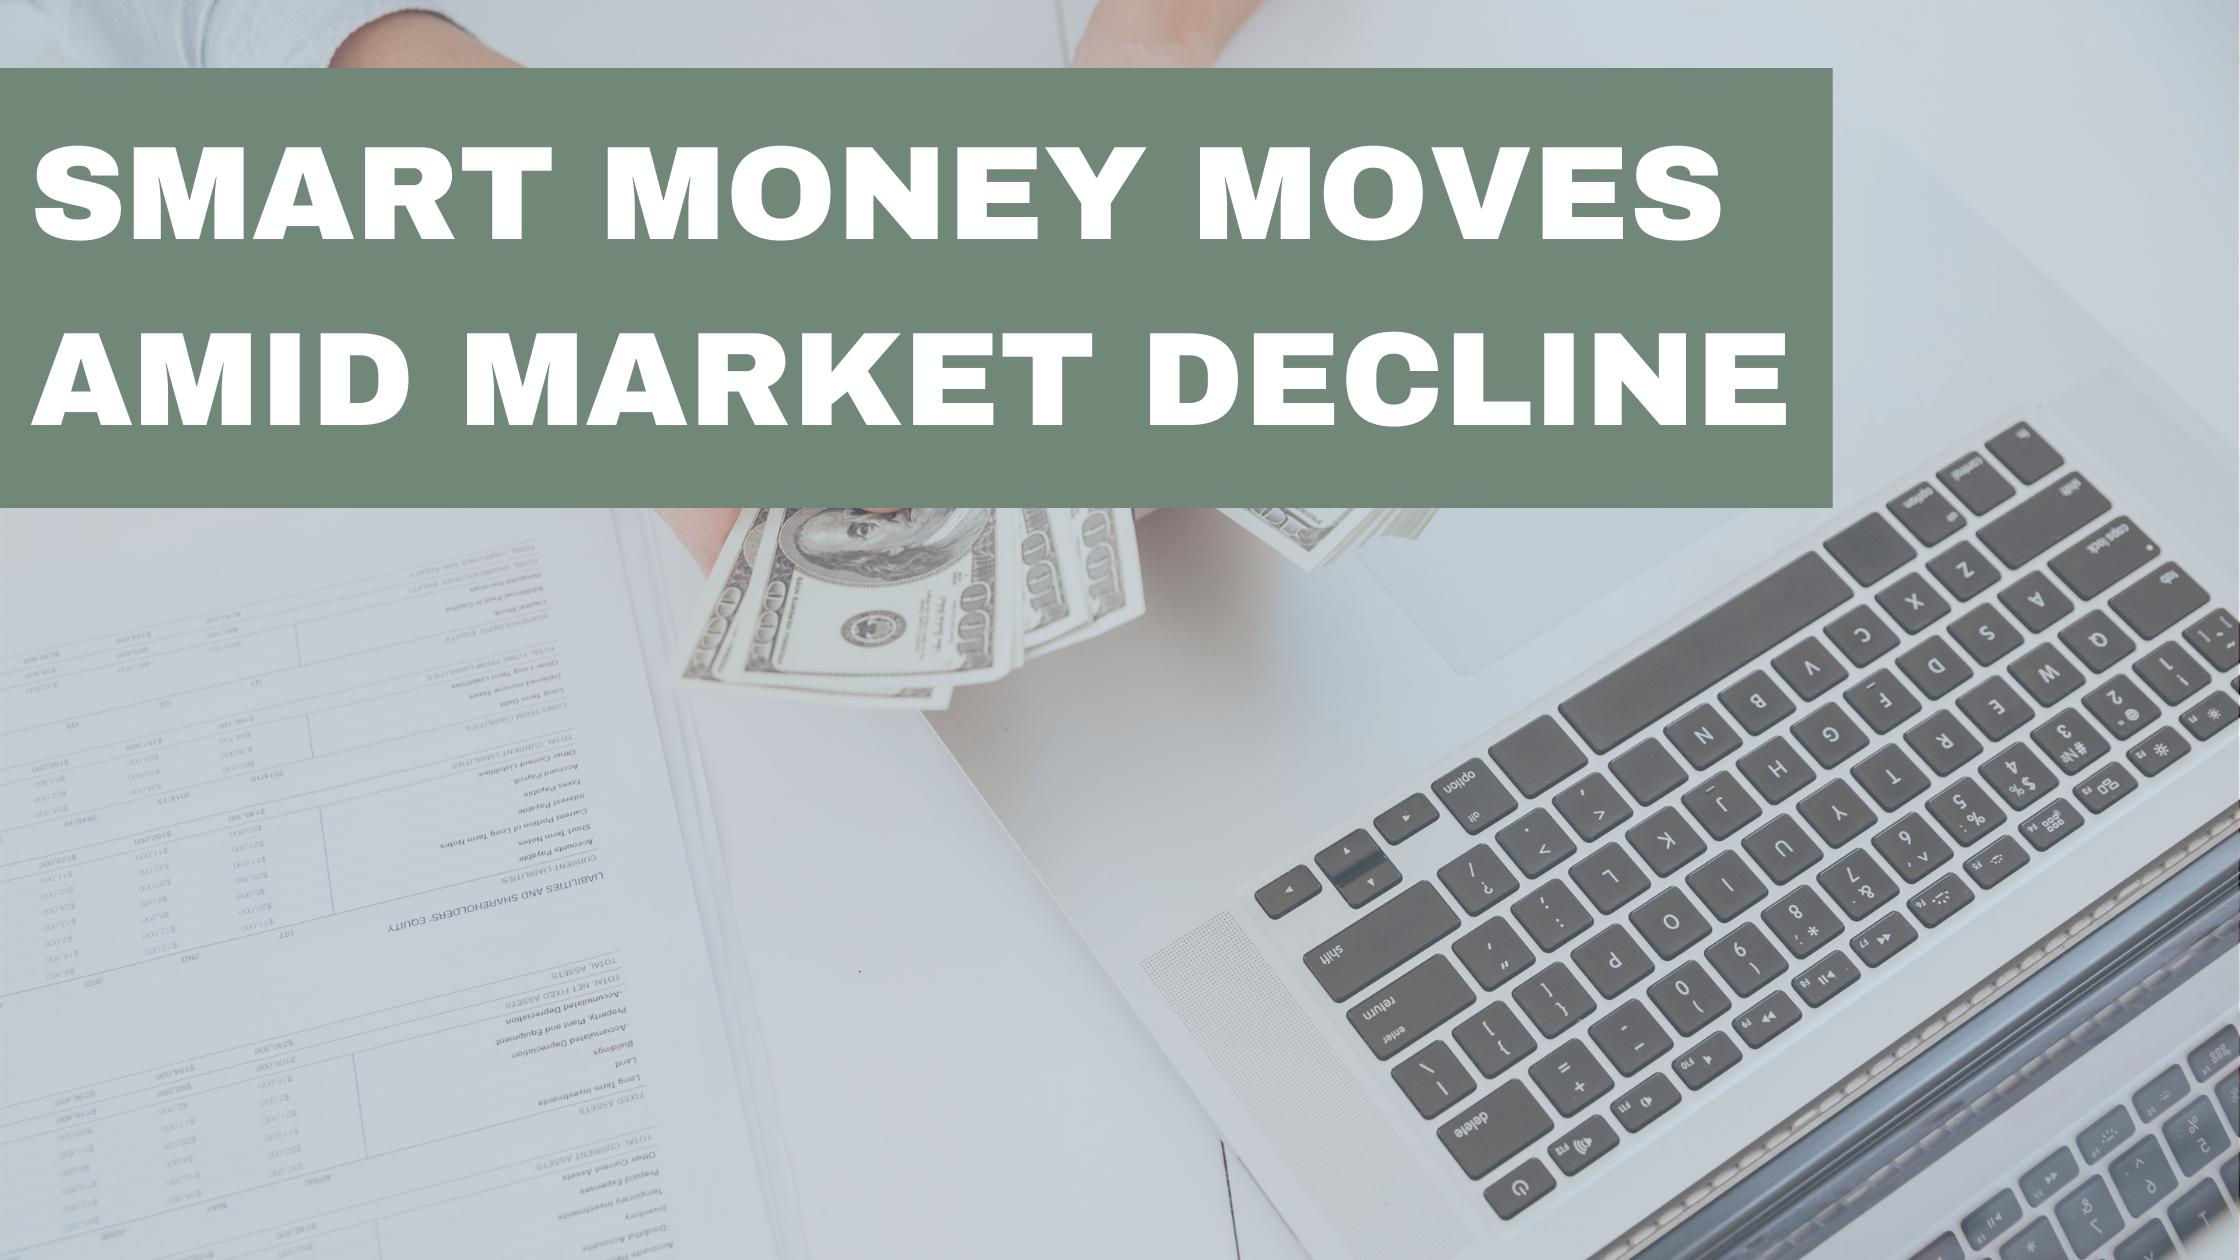 Smart Money Moves Amid Market Decline Thumbnail